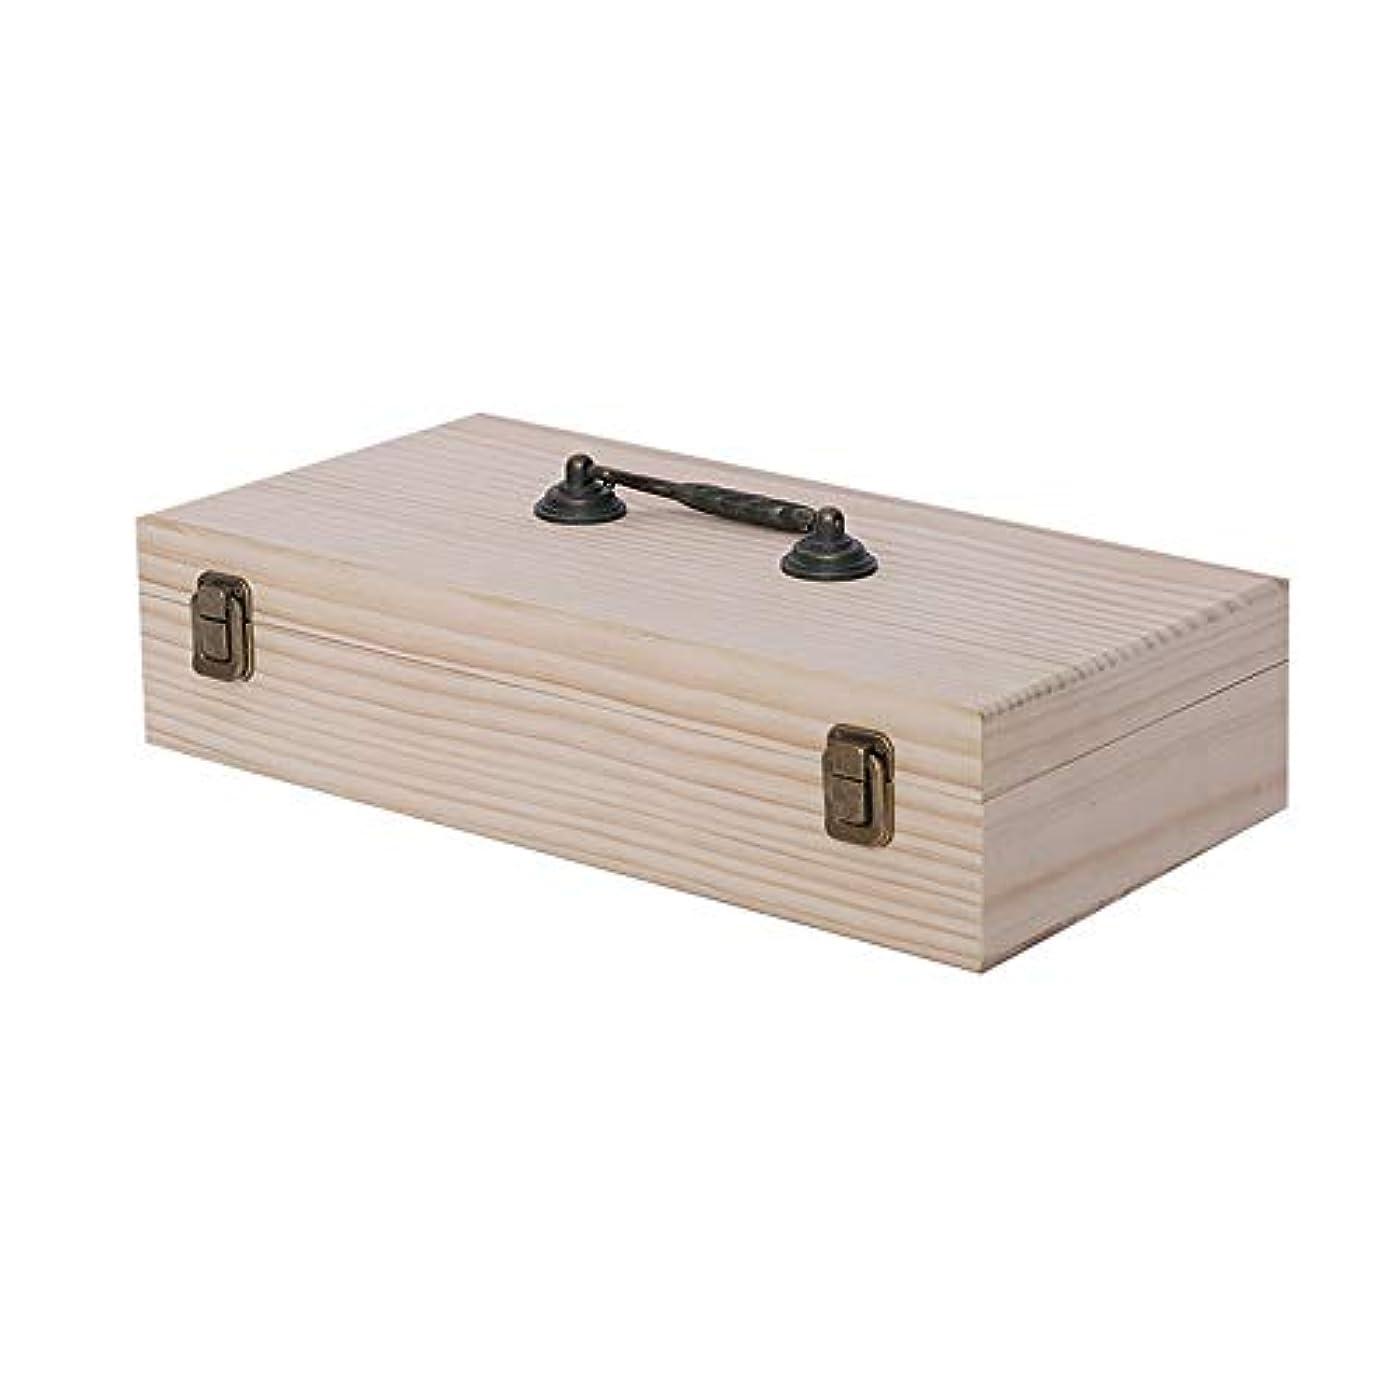 データム枝フライトエッセンシャルオイル収納ボックス 46スロット木製エッセンシャルオイルボックスが収納ディスプレイの旅行プレゼンテーション用ケースオーガナイザーホルダーキャリーは、エレガントな装飾的なデザインでは5?15ミリリットルボトル...